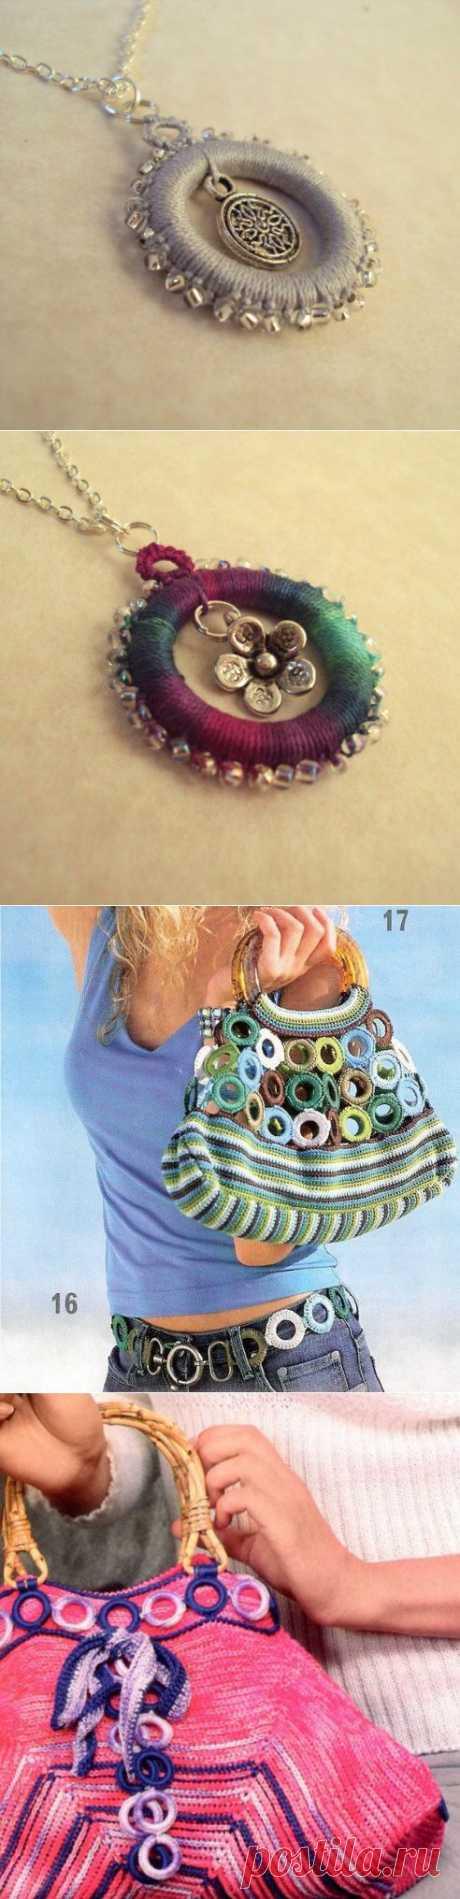 Что можно сделать из пластиковых колец.